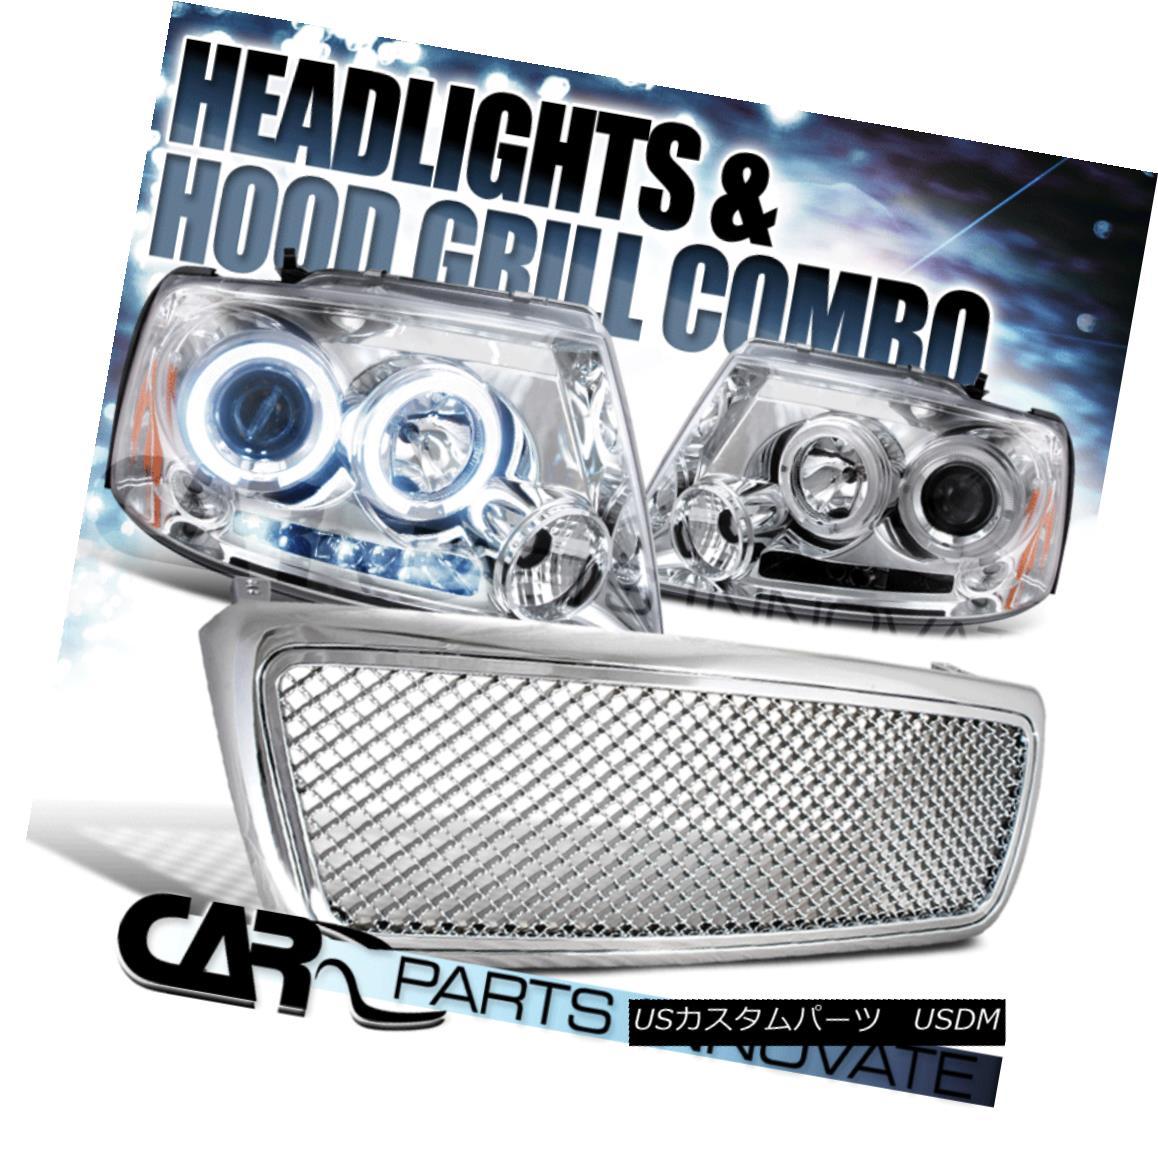 グリル 2004-2008 Ford F150 Chrome Halo LED Projector Headlights+ABS Mesh Grille 2004-2008 Ford F150 Chrome Halo LEDプロジェクターヘッドライト+ ABSメッシュグリル